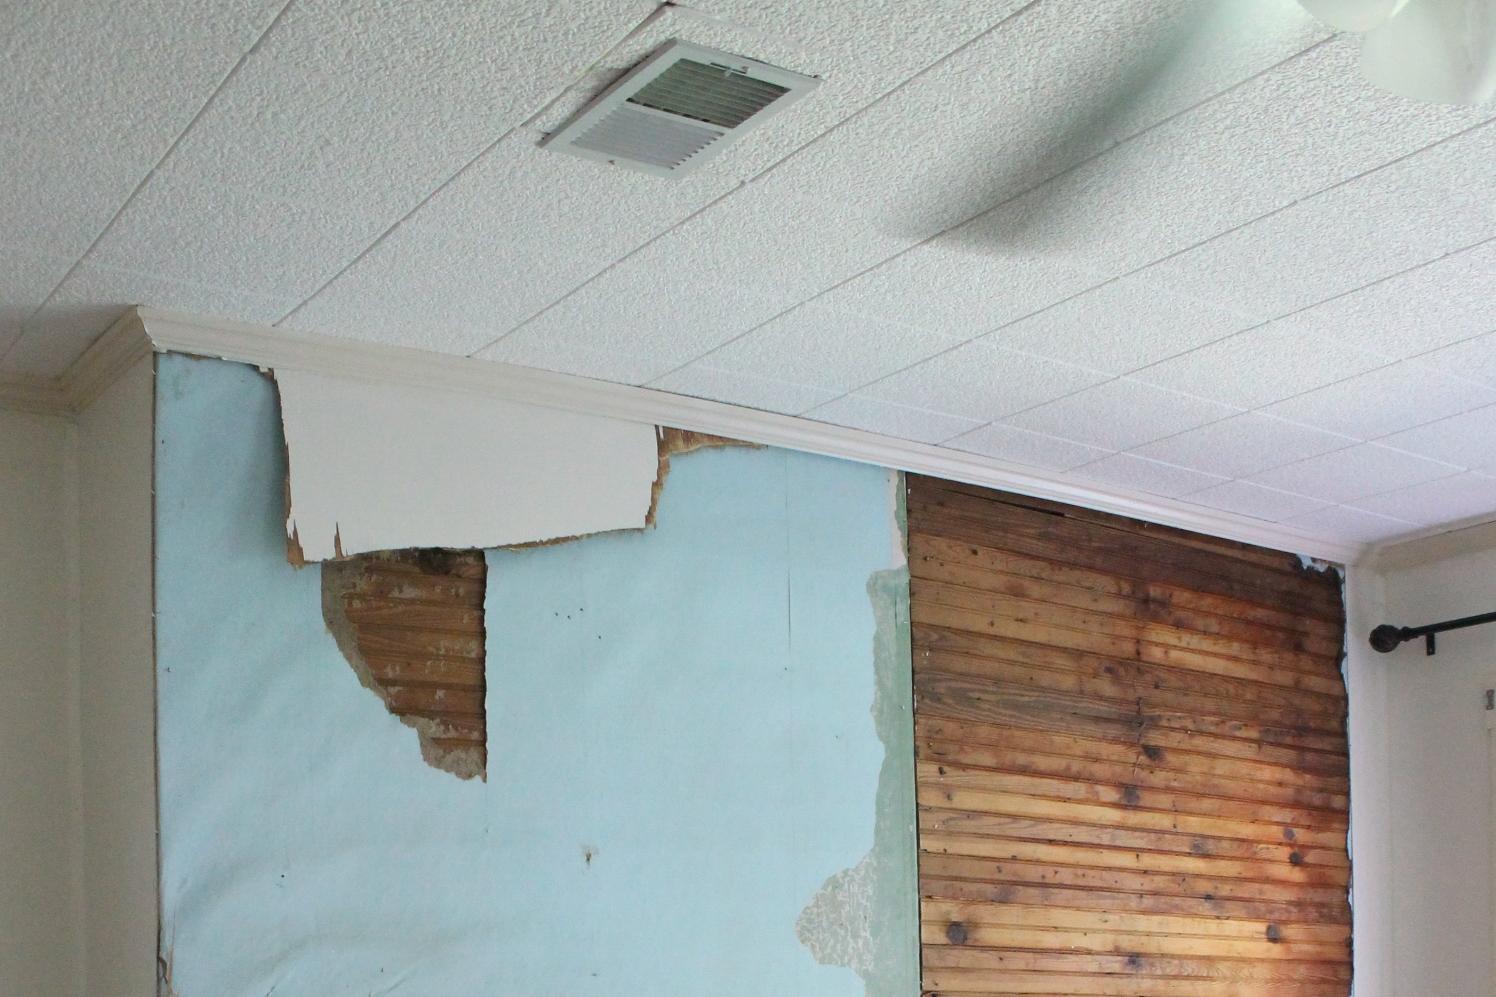 Removing Polystyrene Ceiling Tiles Hbm Blog